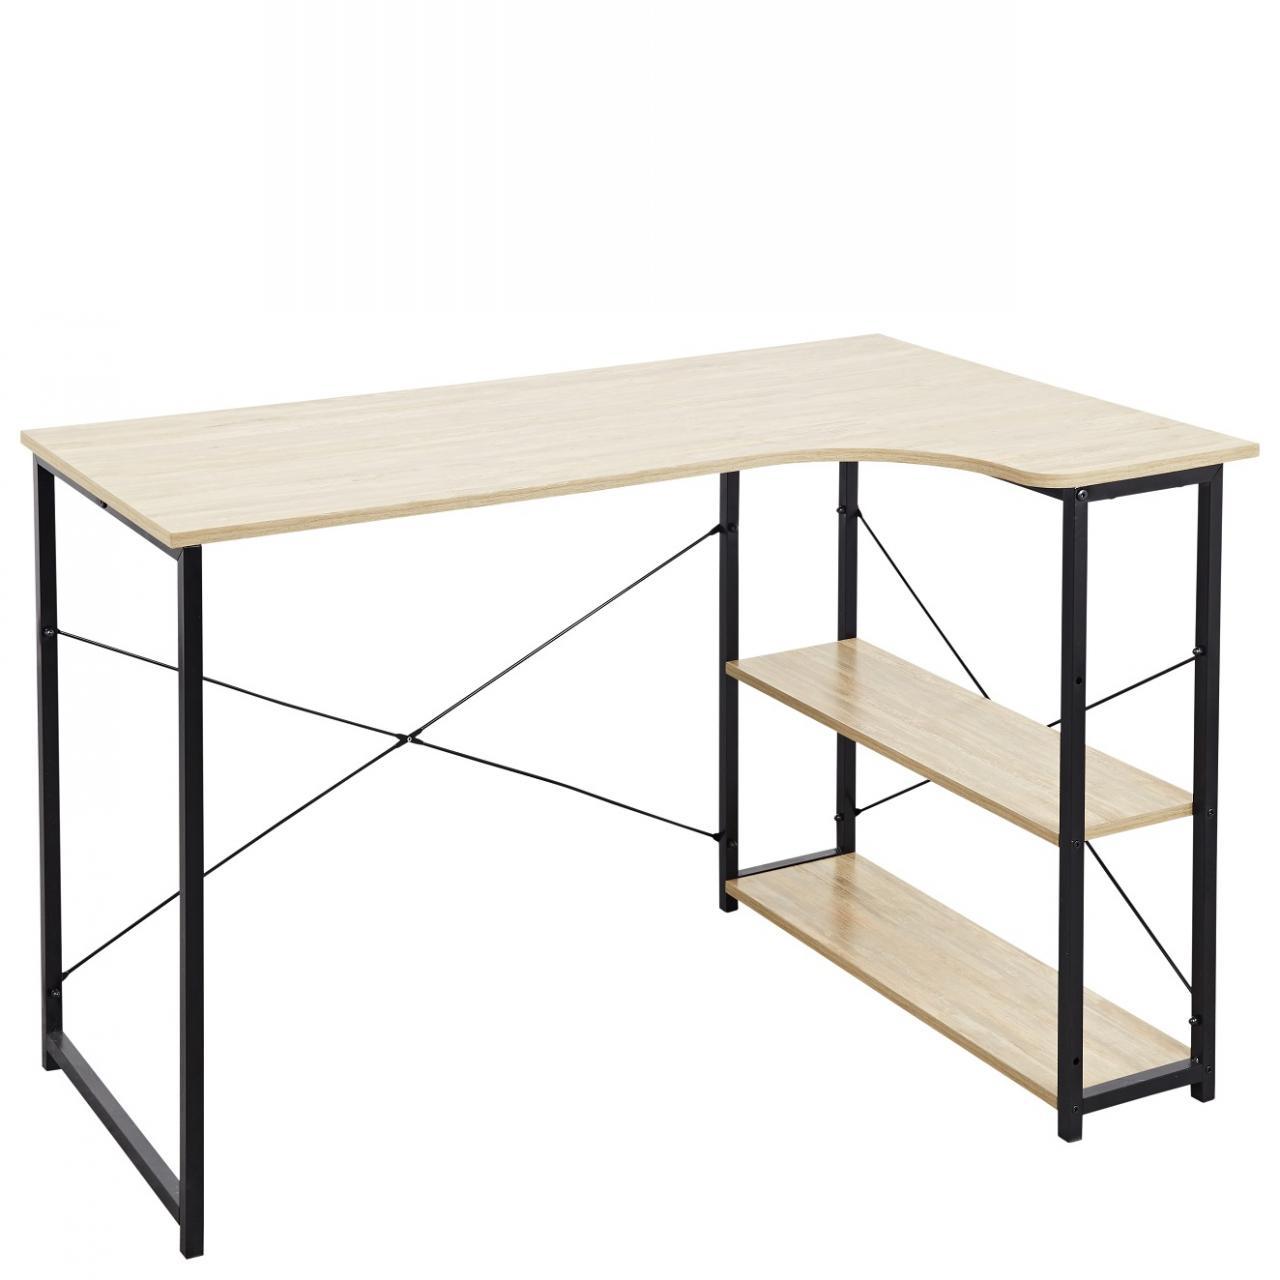 Eckschreibtisch Cancun Metall Schwarz Sonoma Eiche Nb. Büro Spanplatte Tisch